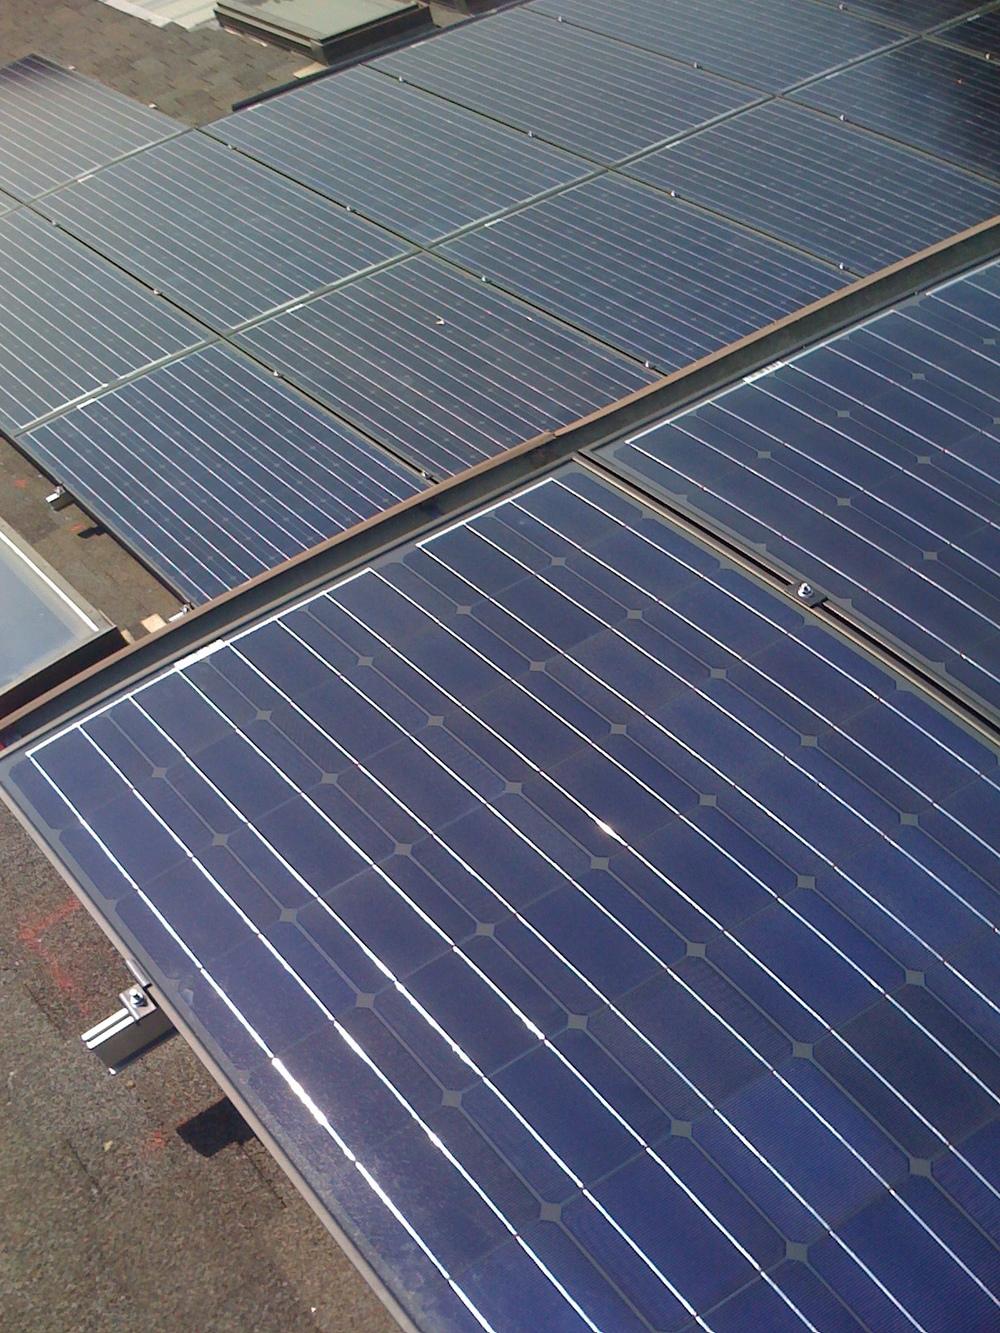 Detail of Solar Panels